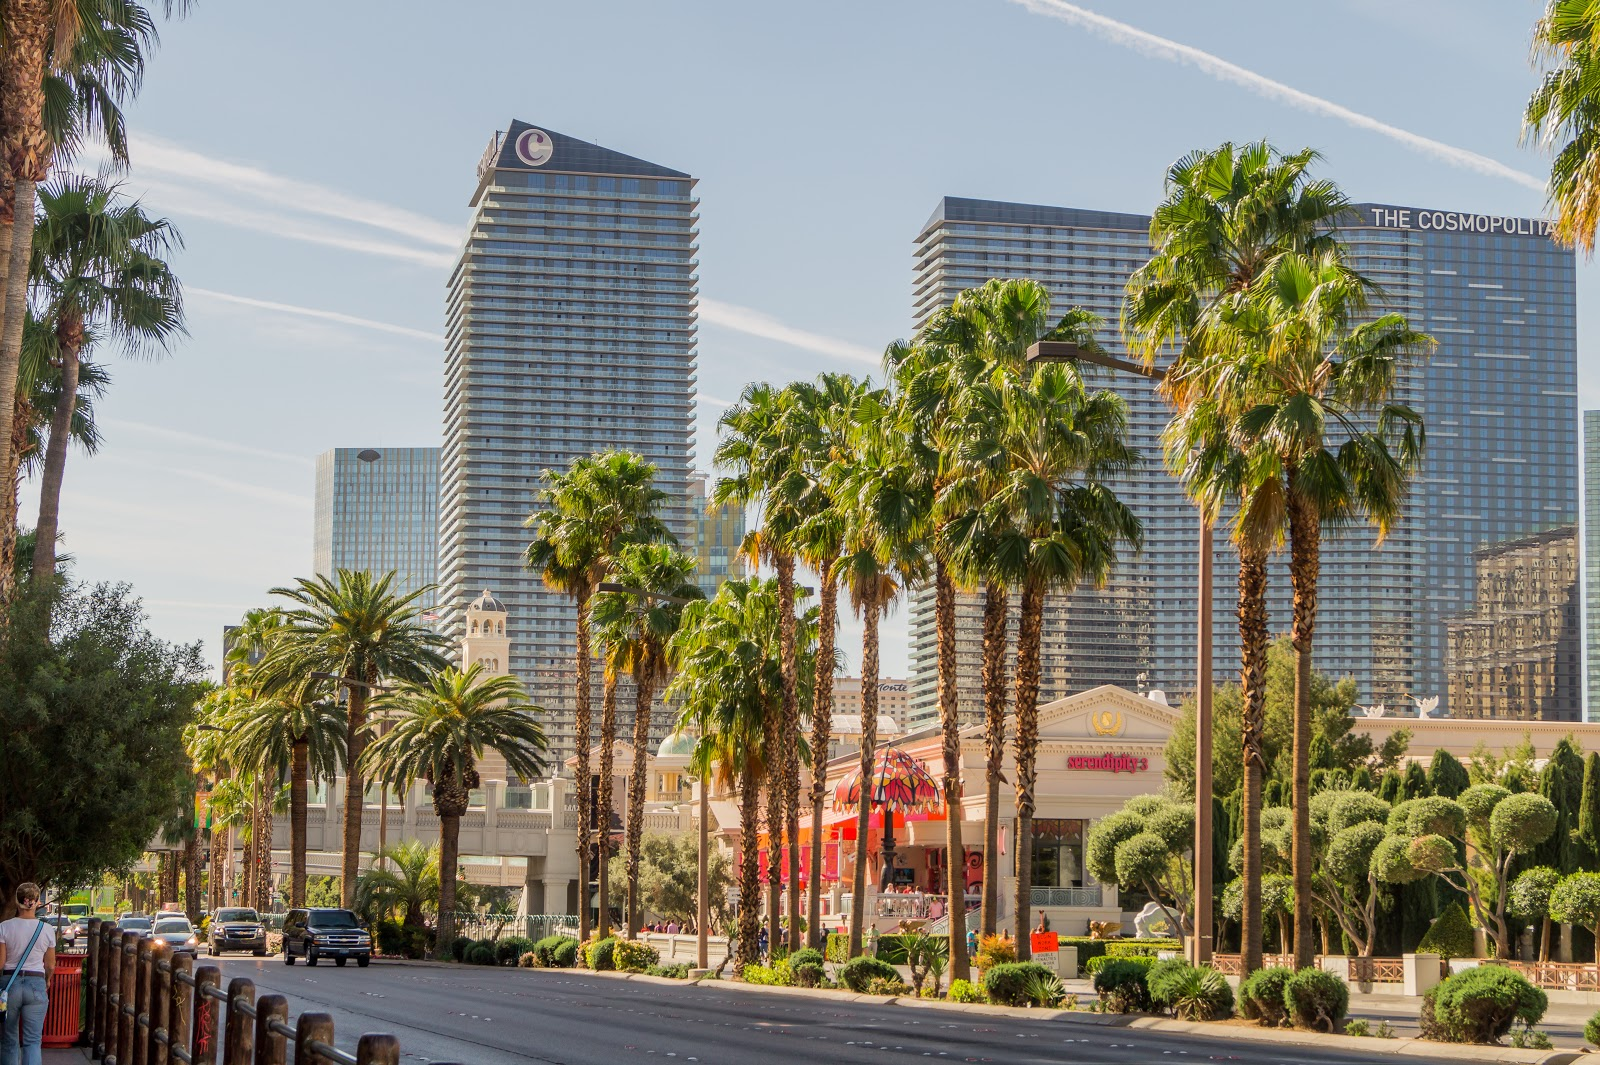 Лас-Вегас - город на западе США, расположенный в центре пустыни Мохаве